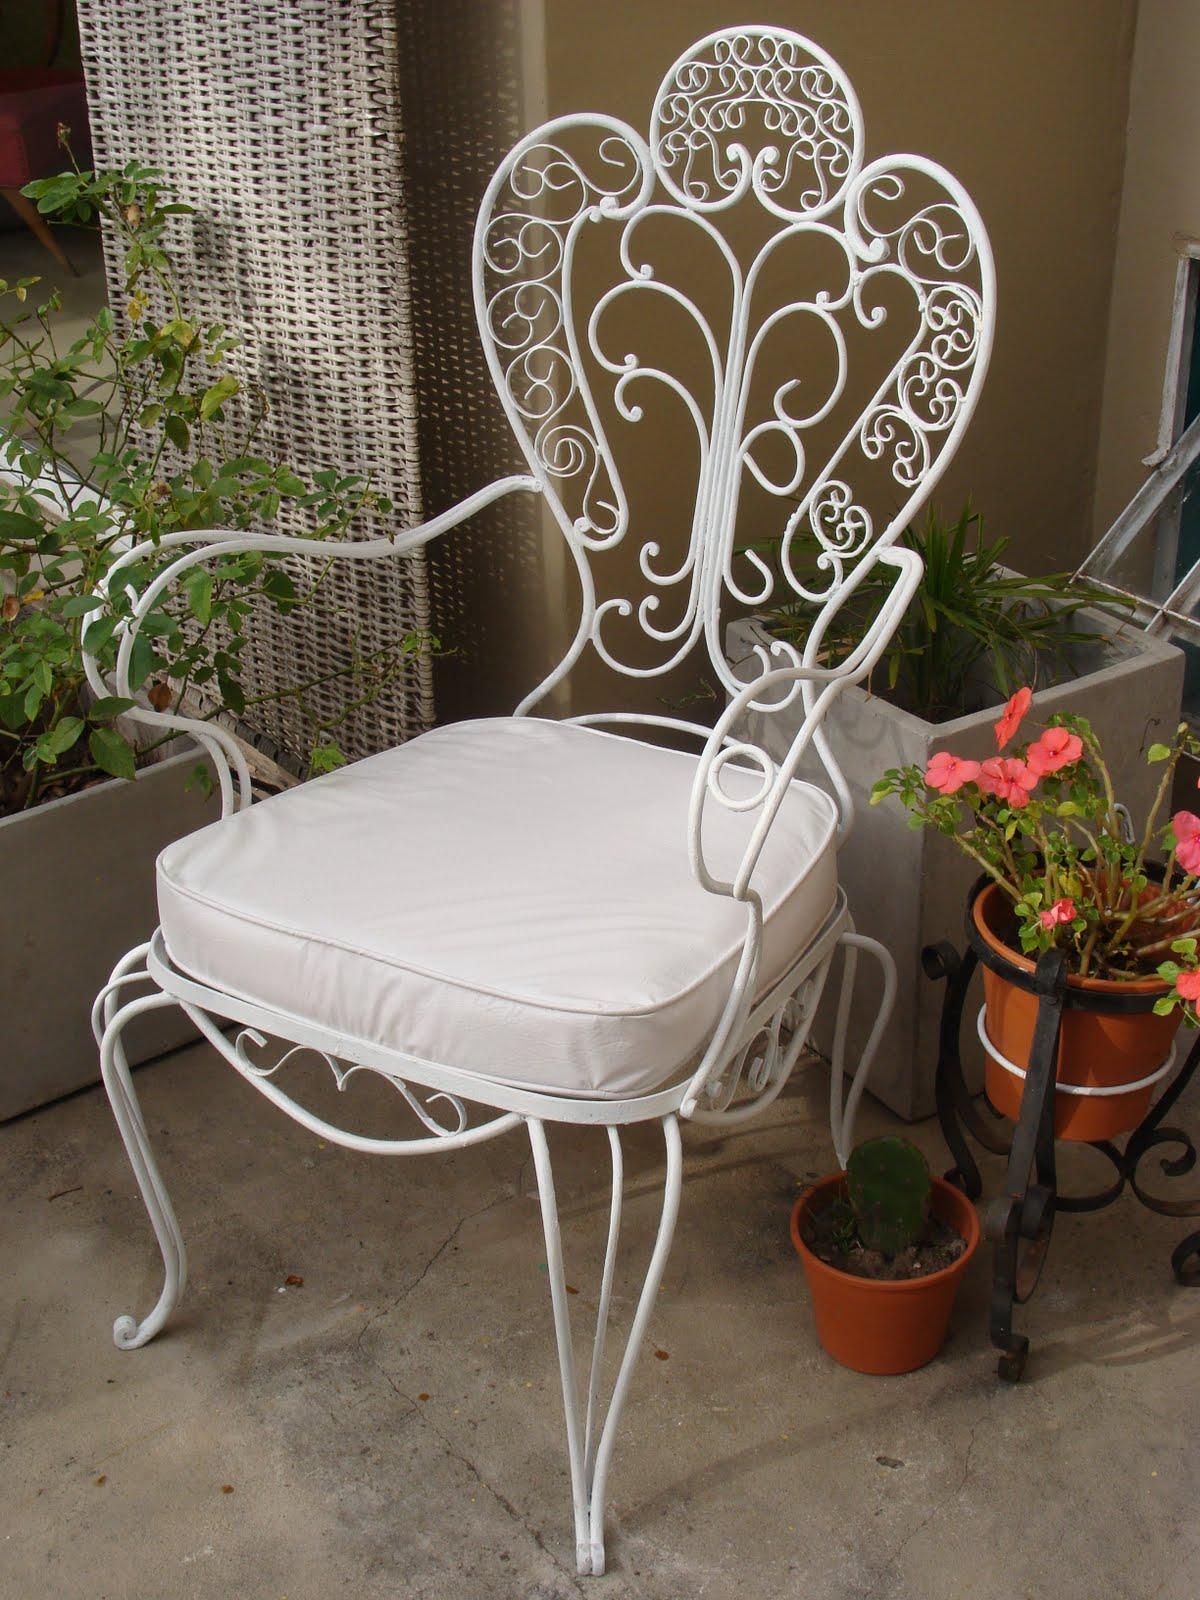 Sillones en hierro forjado deco marce tienda for Almohadones para sillones jardin